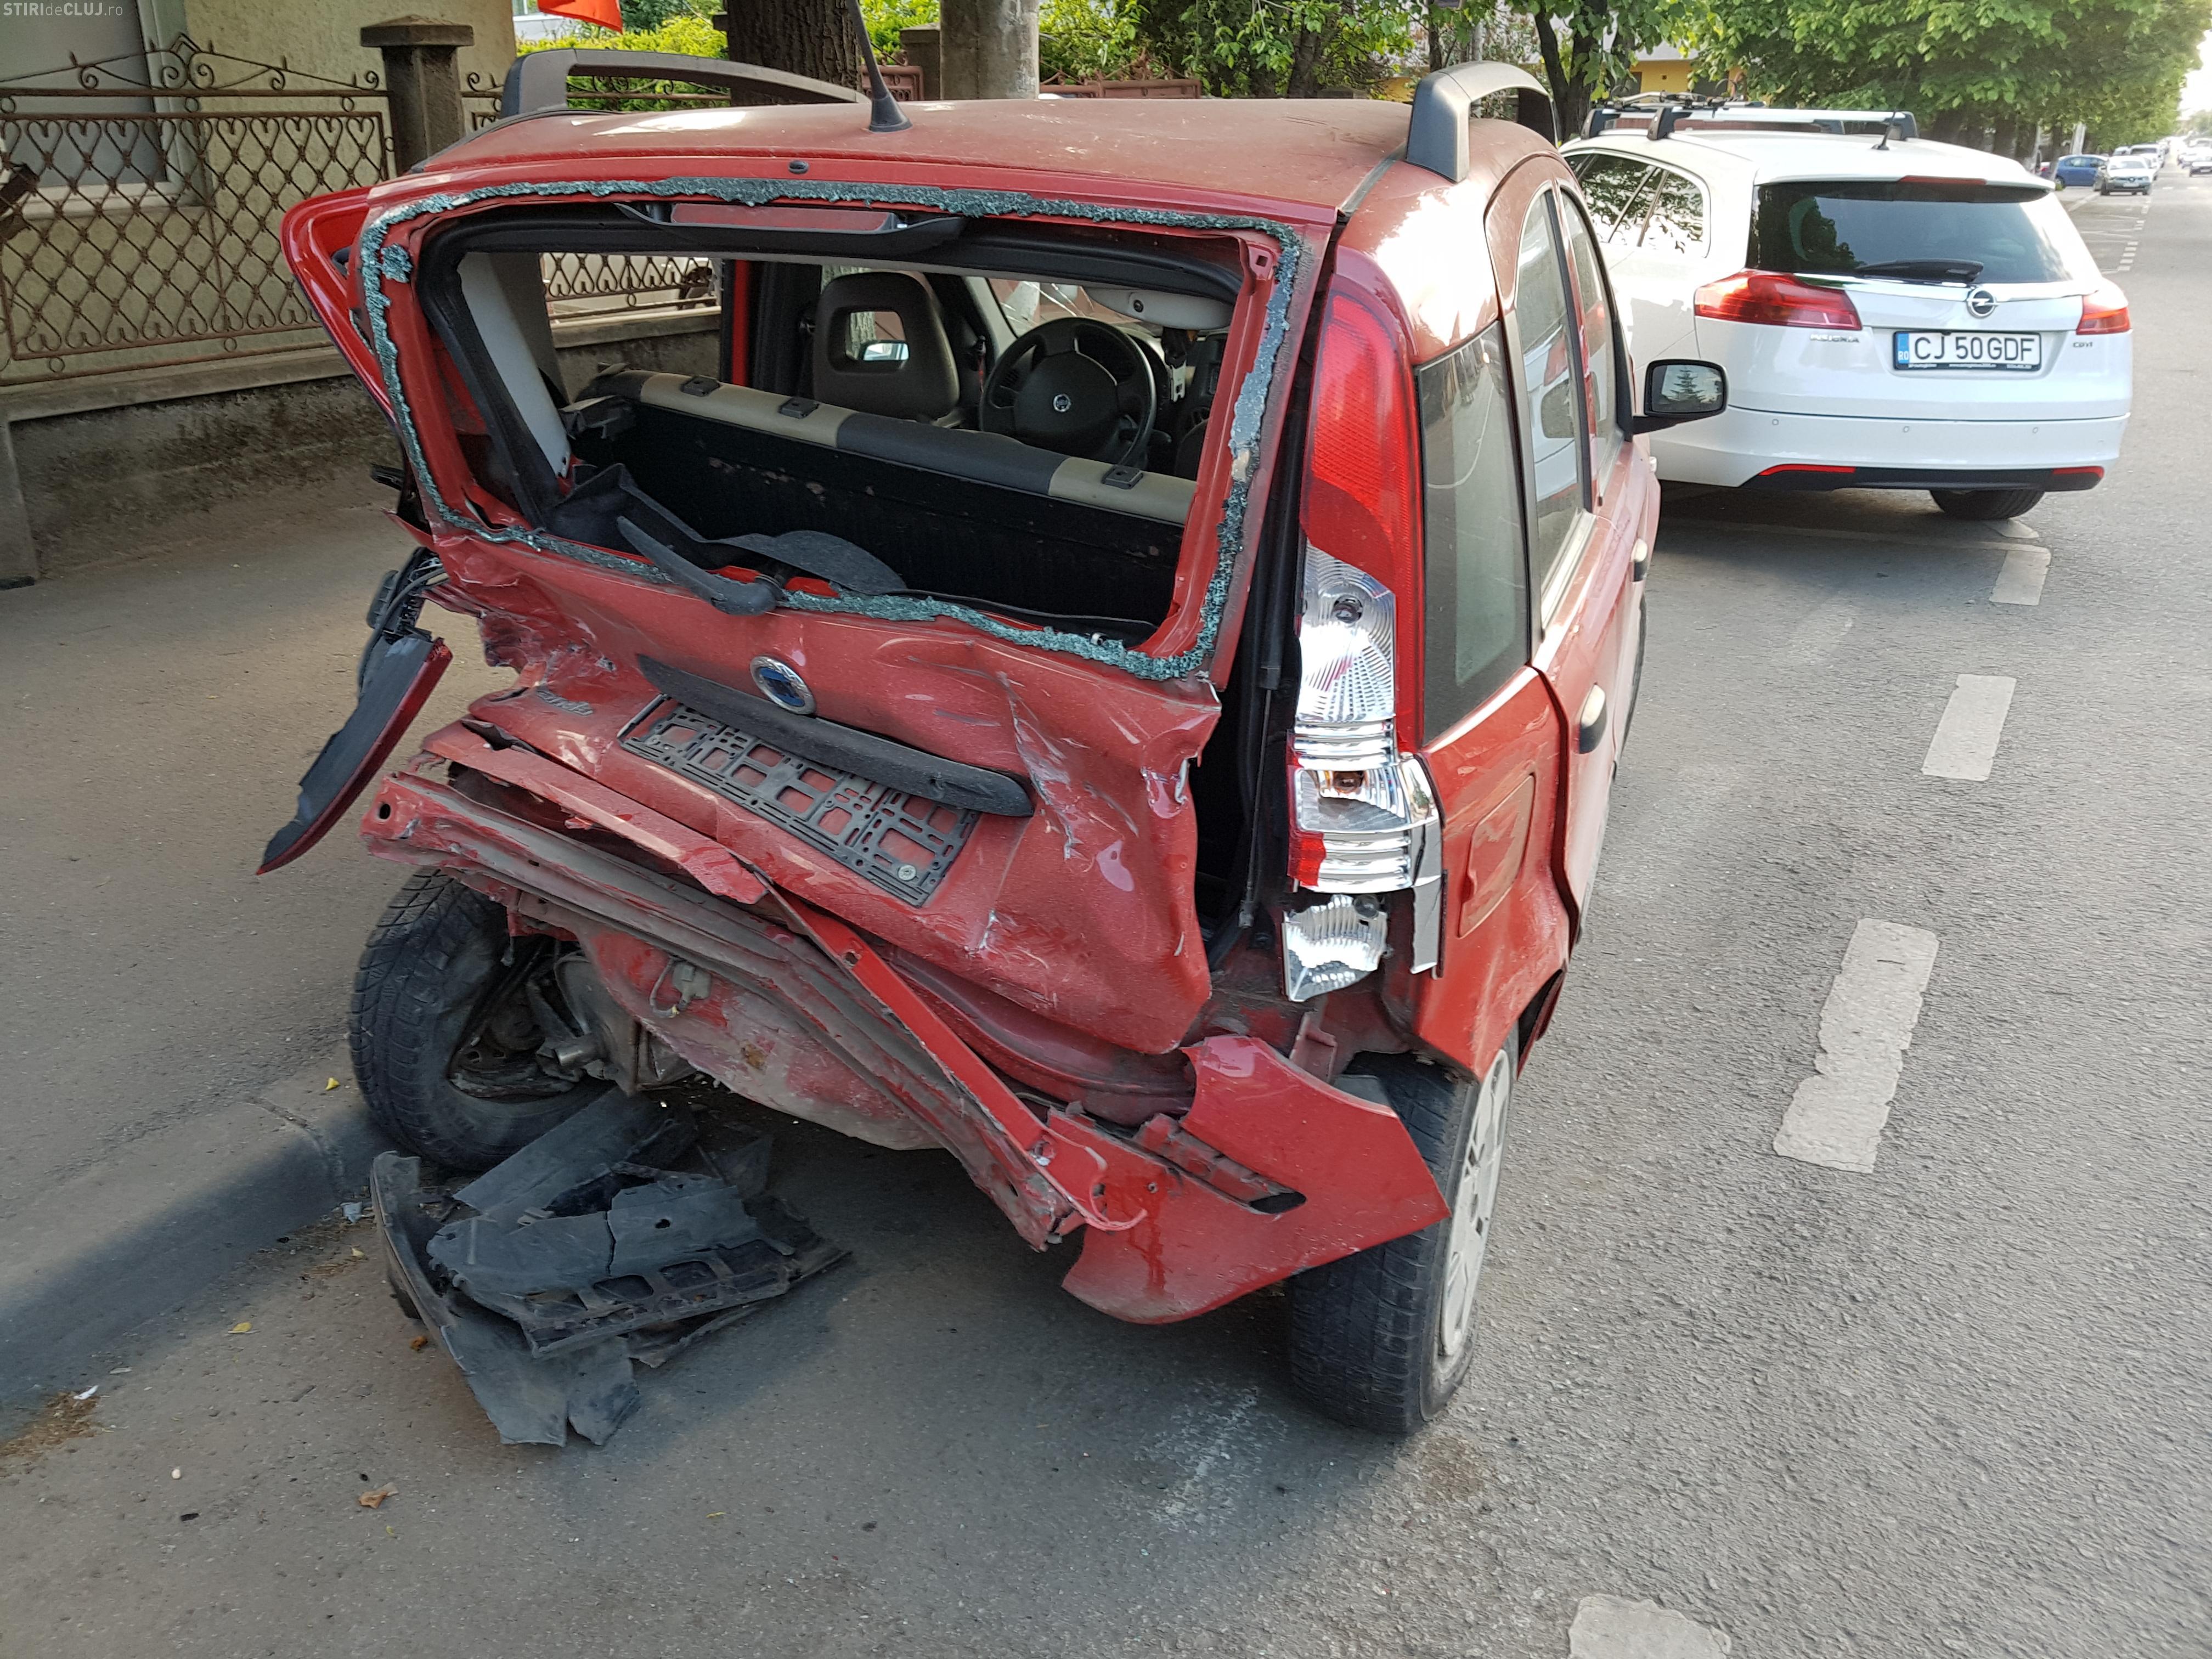 Șoferii de pe Brâncuși se tem să își lase mașinile parcate pe stradă. Un BMW a spulberat 2 mașini - VIDEO